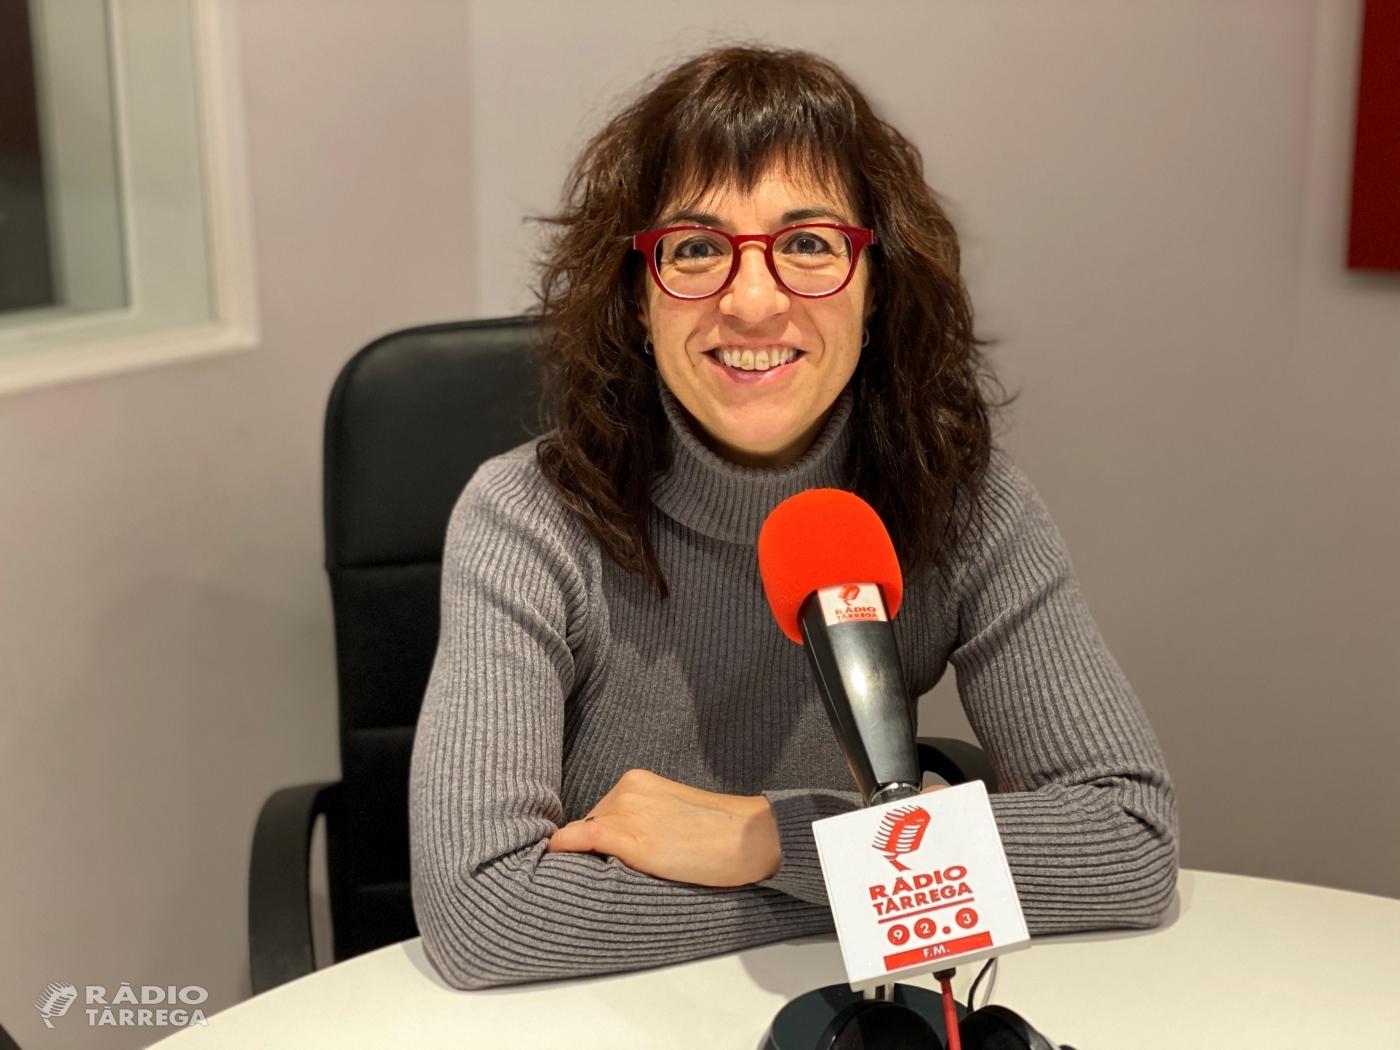 L'alcaldessa de Tàrrega lamenta que no s'informés al Consistori de la presència ahir de la consellera Budó a la ciutat